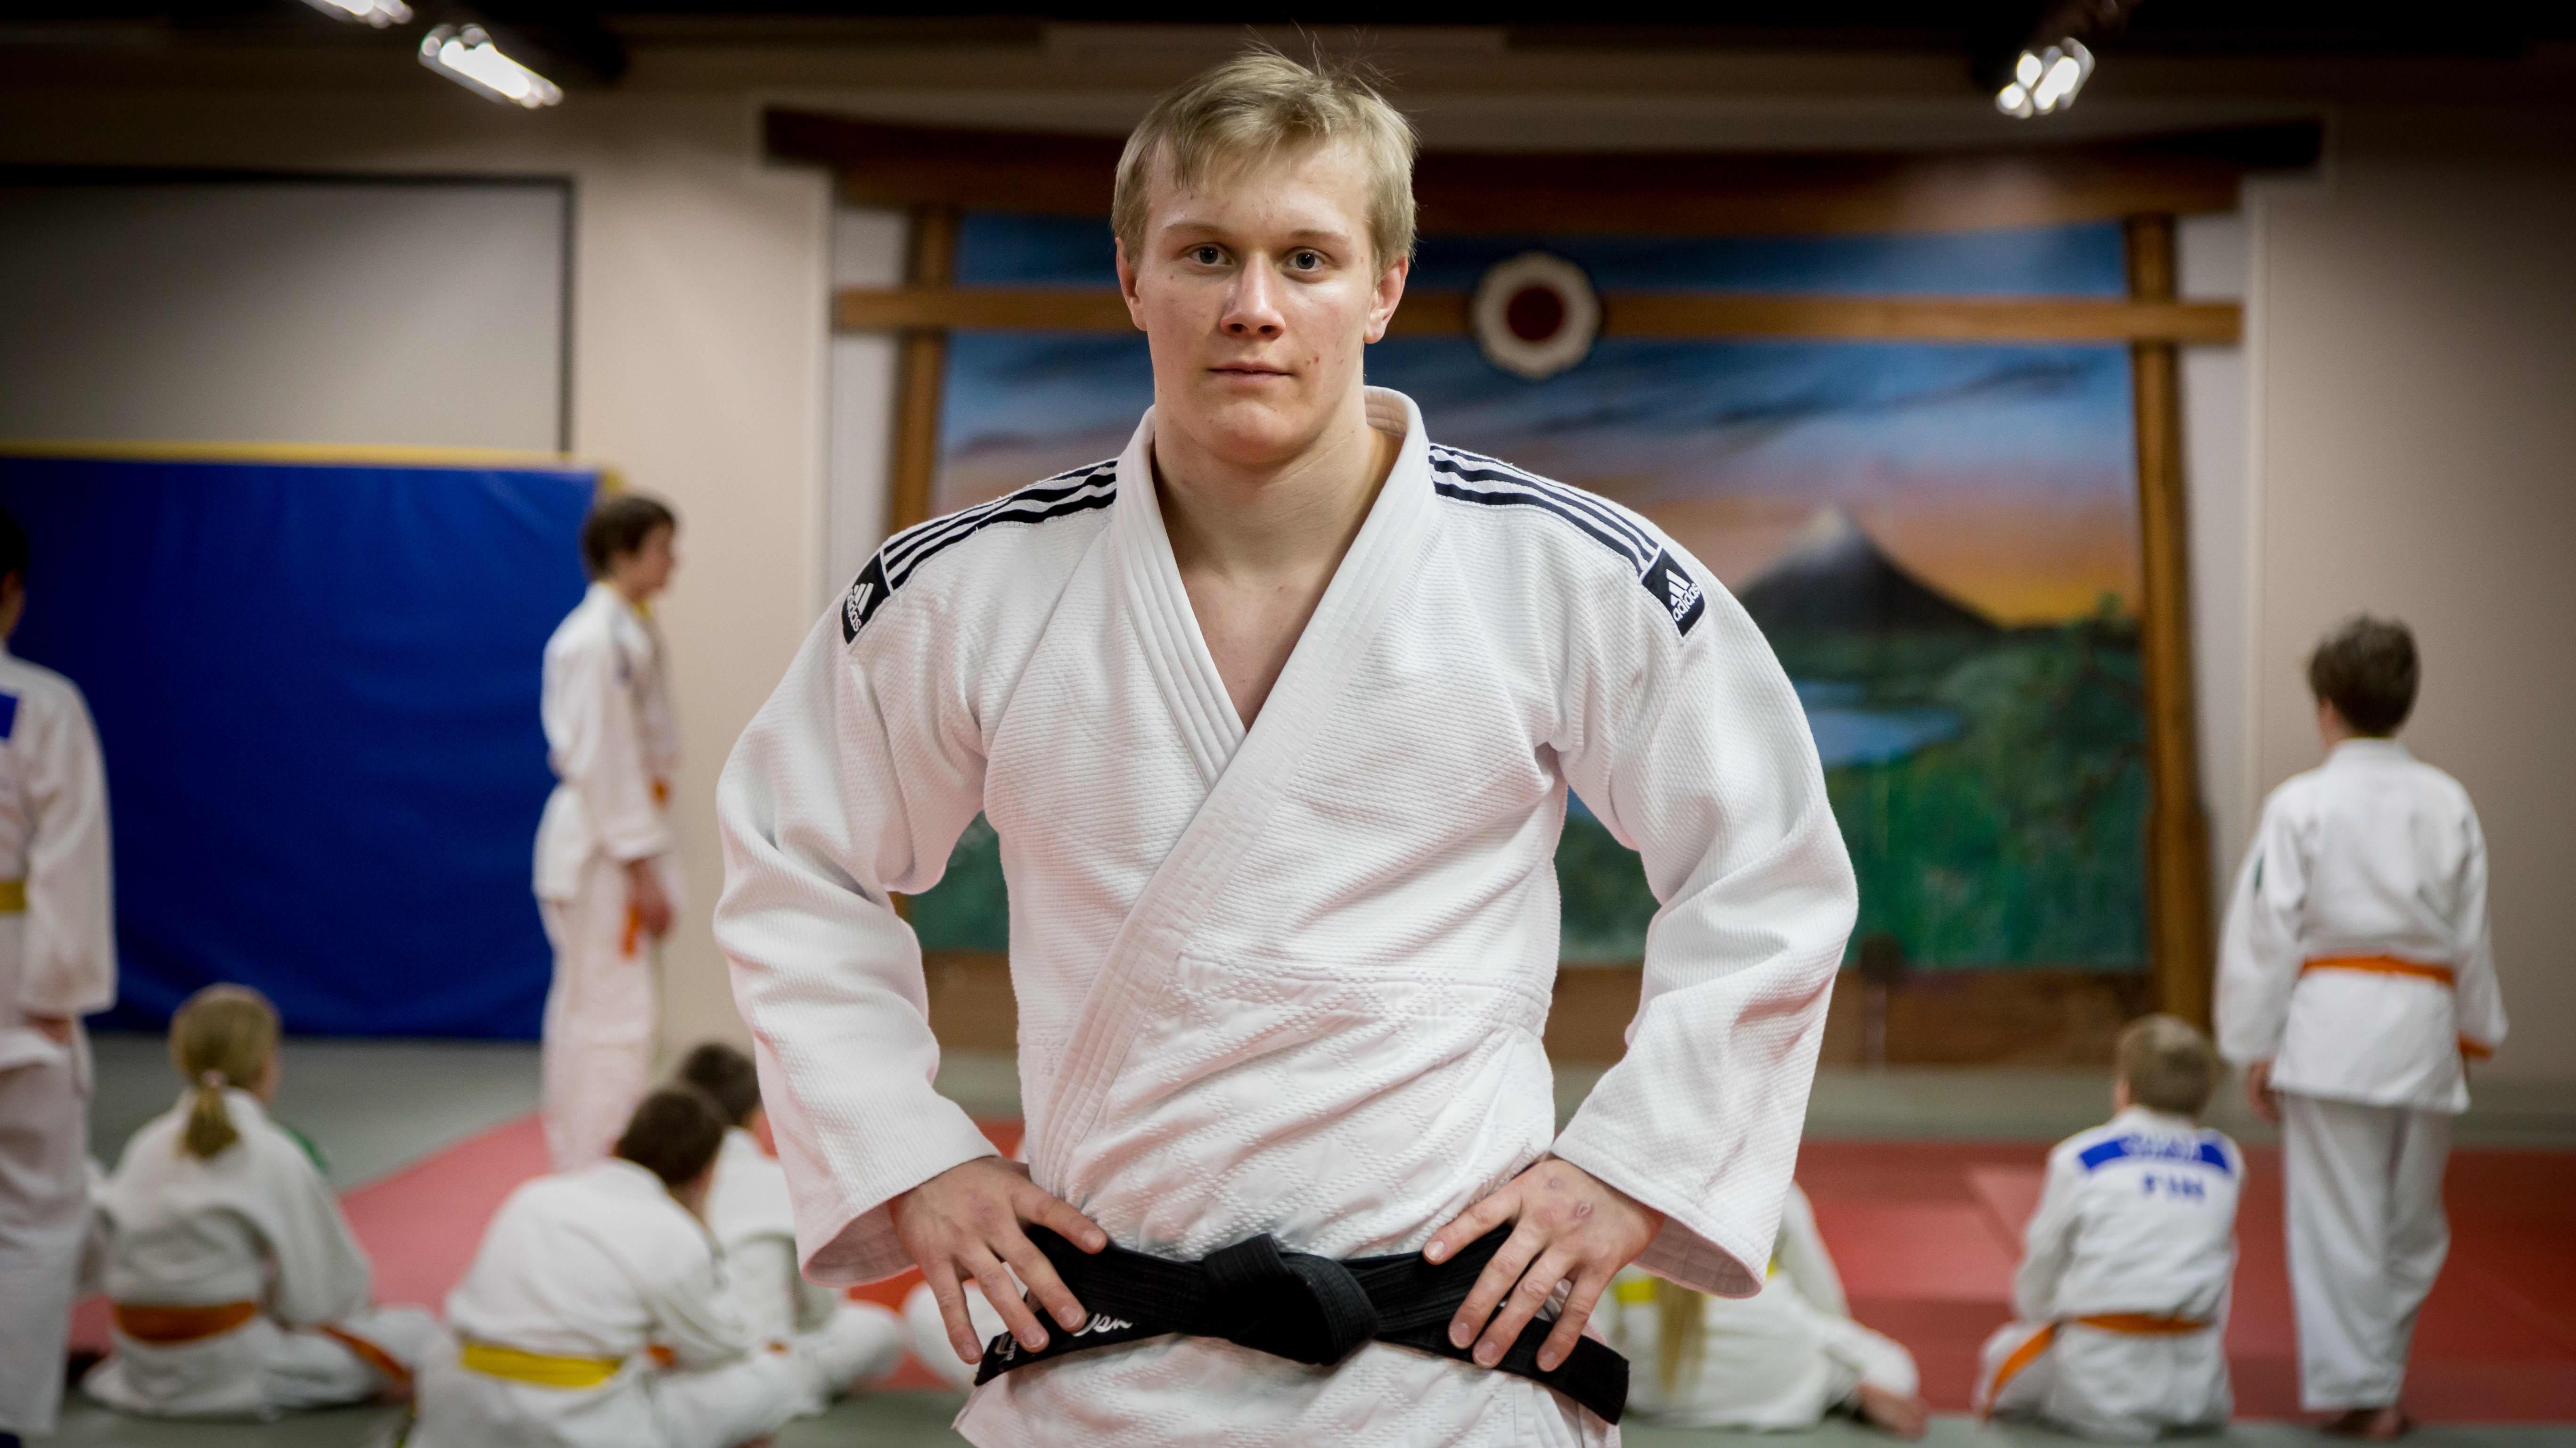 Judoka Oskari Mäkinen, Nummelan judosali, 8.2.2017. Takana juniorit harjoittelevat.